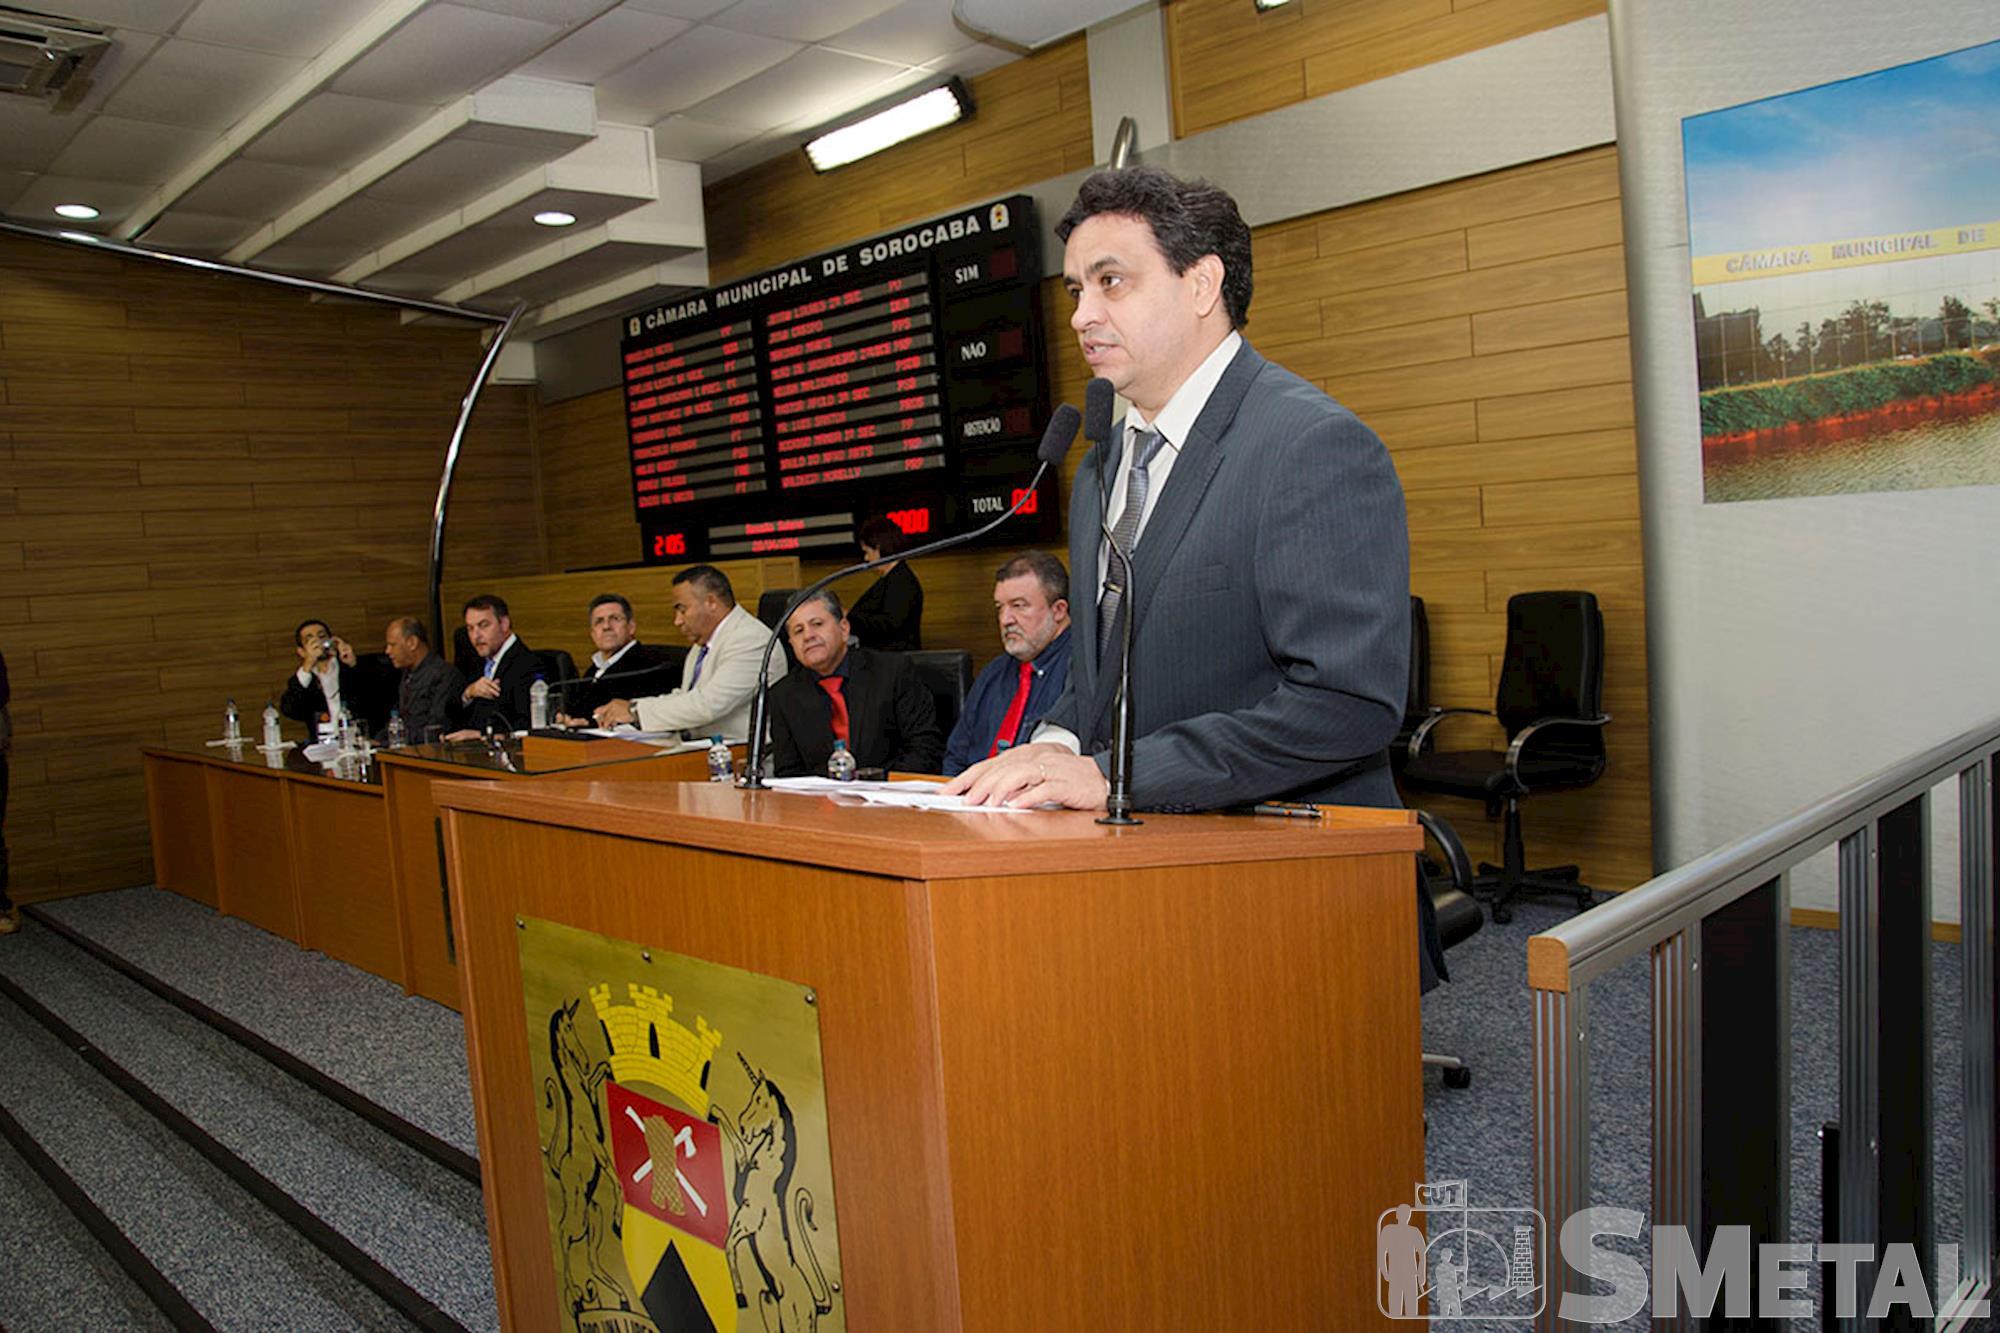 Sessão solene presta homenagem aos 60 anos do Sindicato